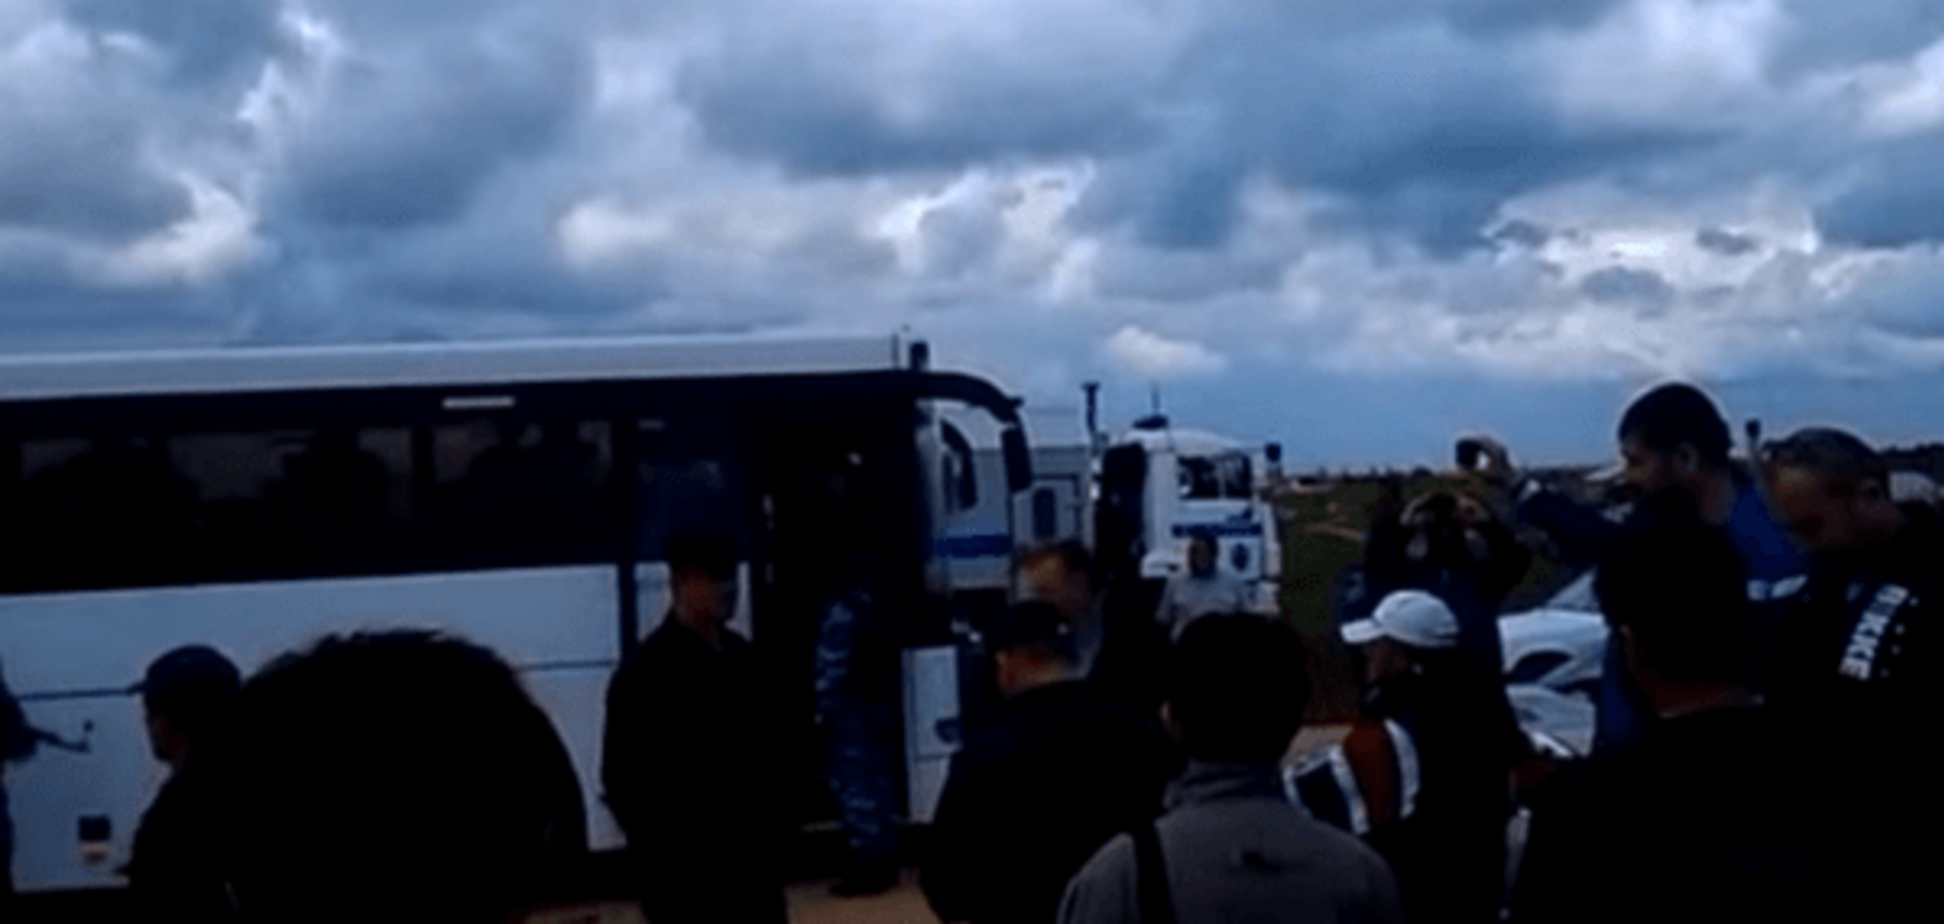 Опубліковано відео 'зачистки' кримських татар у мечеті під Сімферополем